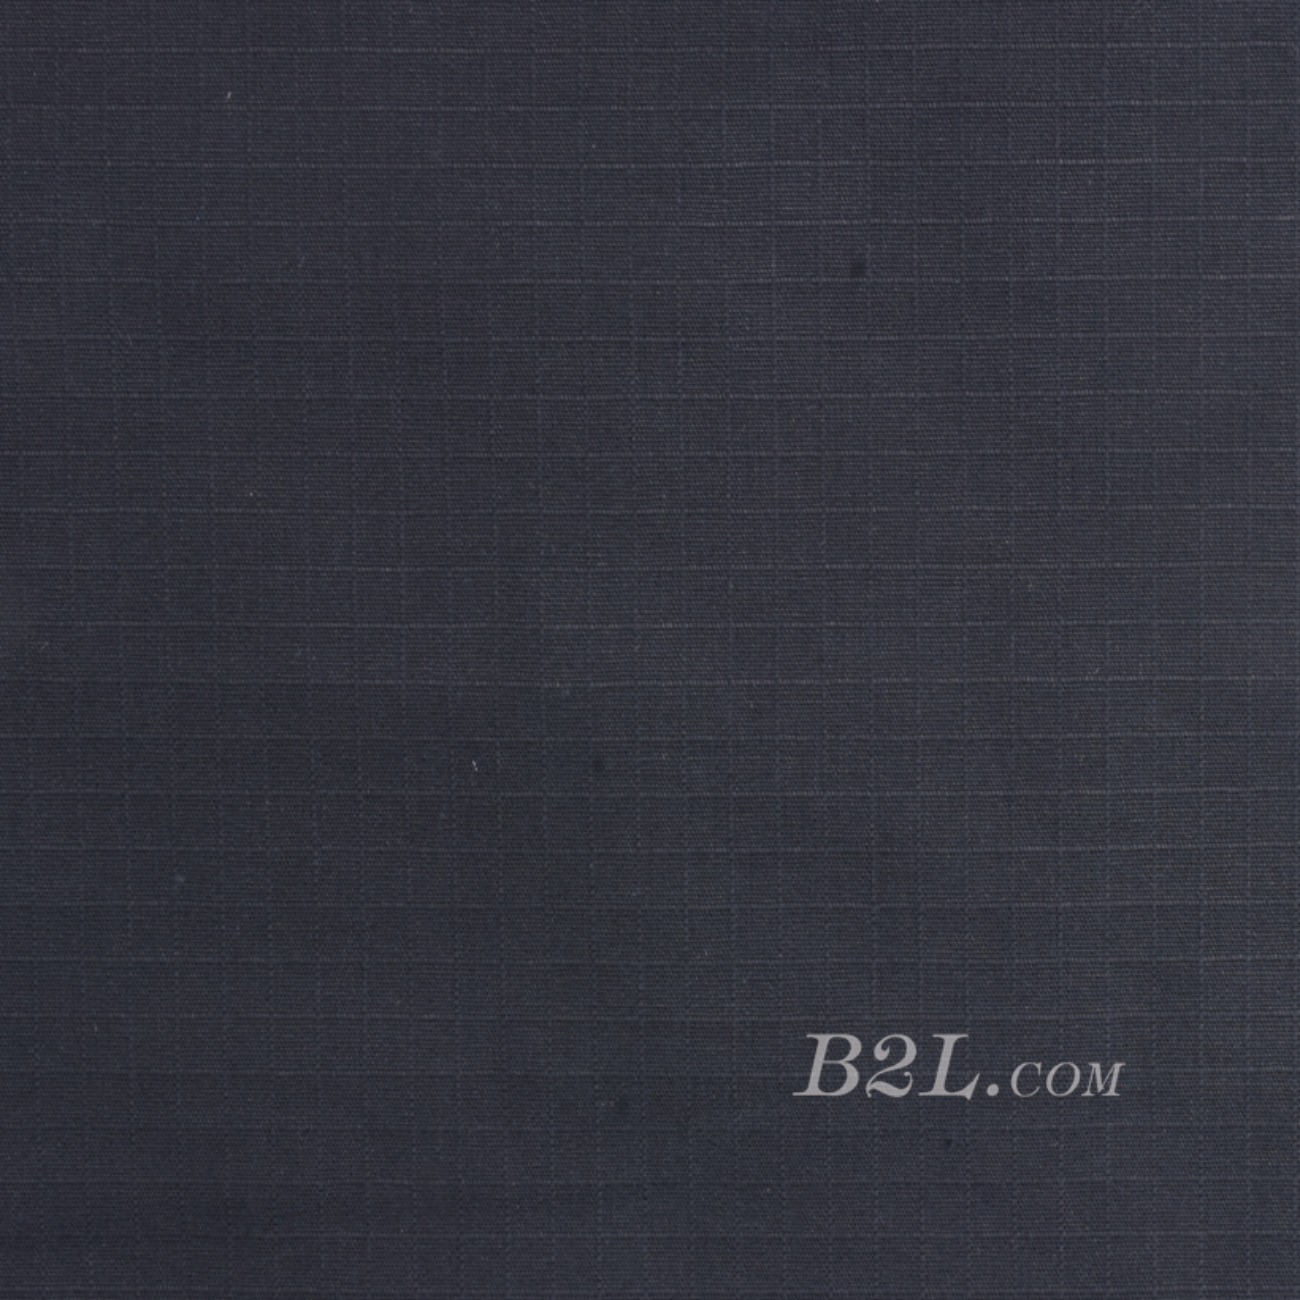 素色 梭織 染色 低彈 薄 暗格 春秋 外套 連衣裙 時裝 90525-2